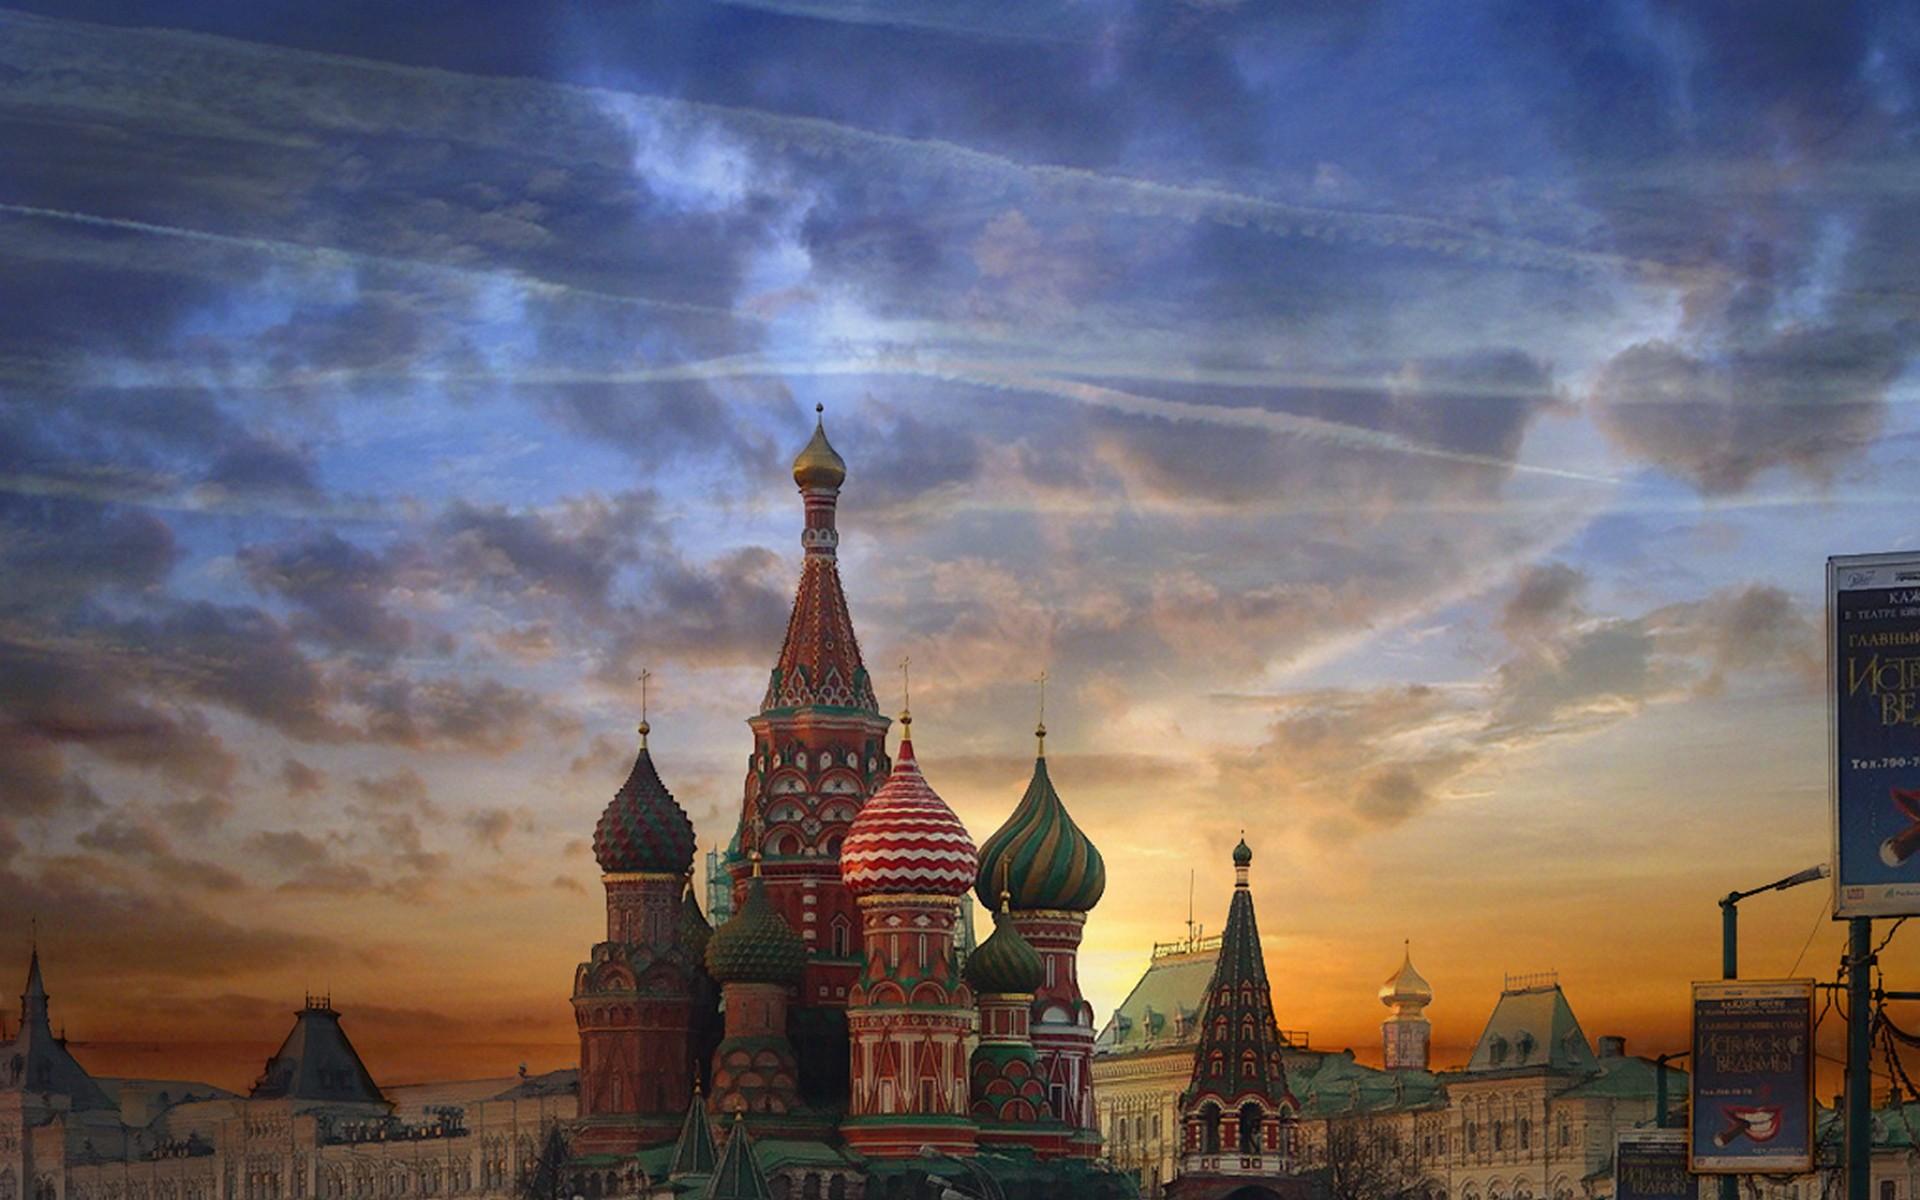 вулканическое огненное картинки обои тема россия каждой установлены